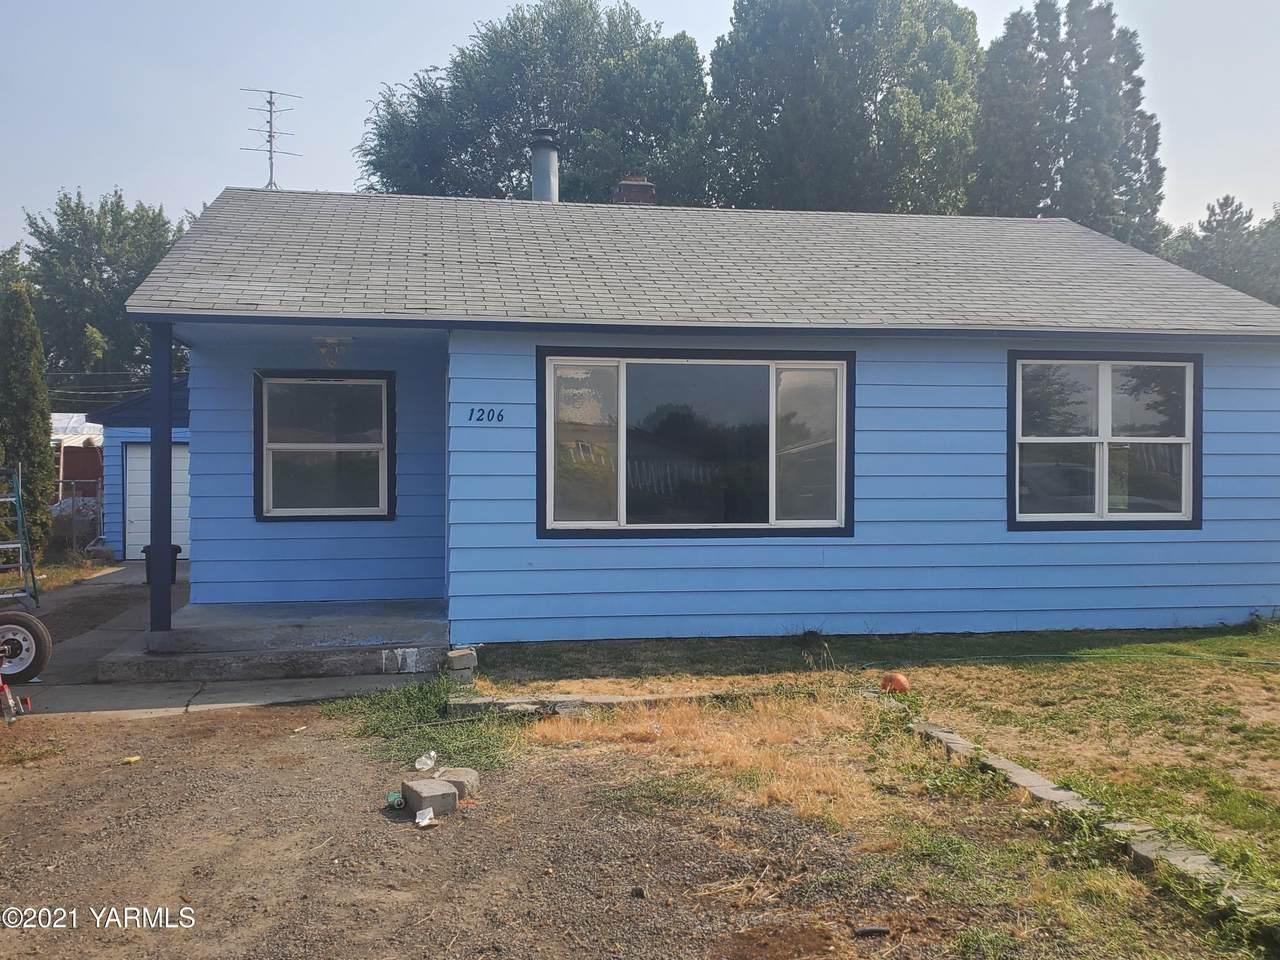 1206 Washington Ave - Photo 1